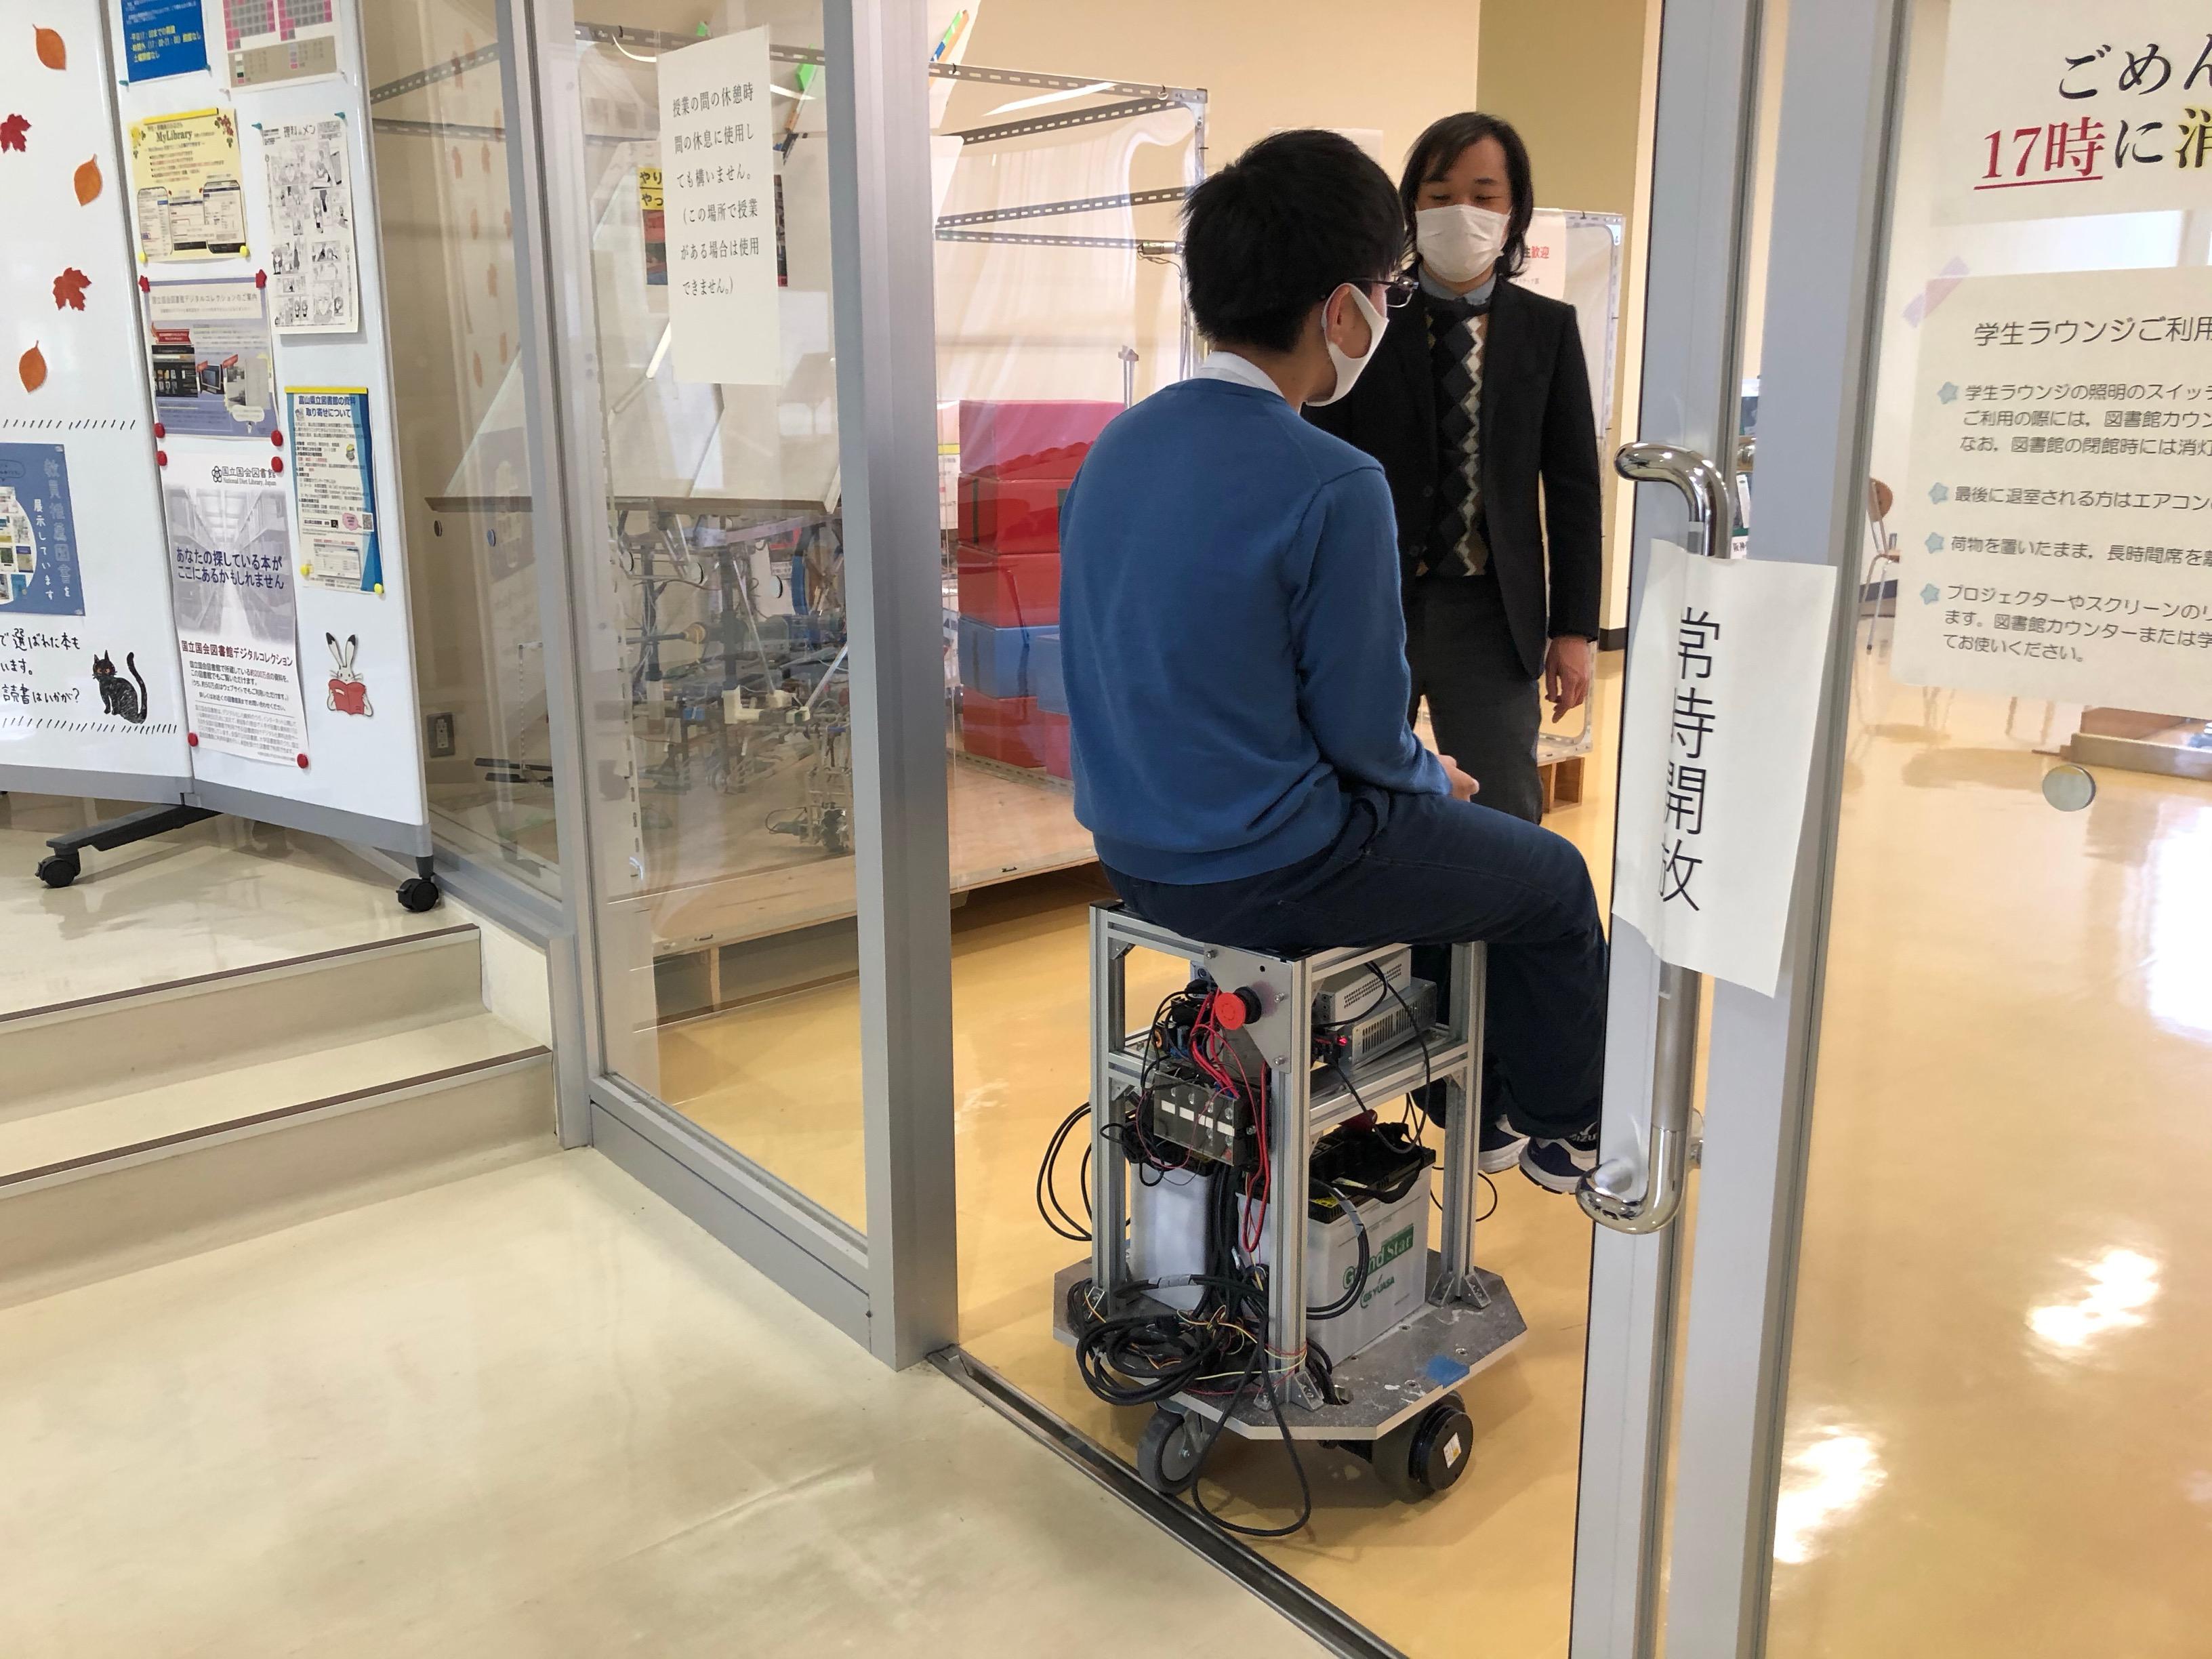 富山高専ジュニアドクター育成塾講座第7回「ロボットプログラミング①・機械システム工学科紹介」を実施しました。